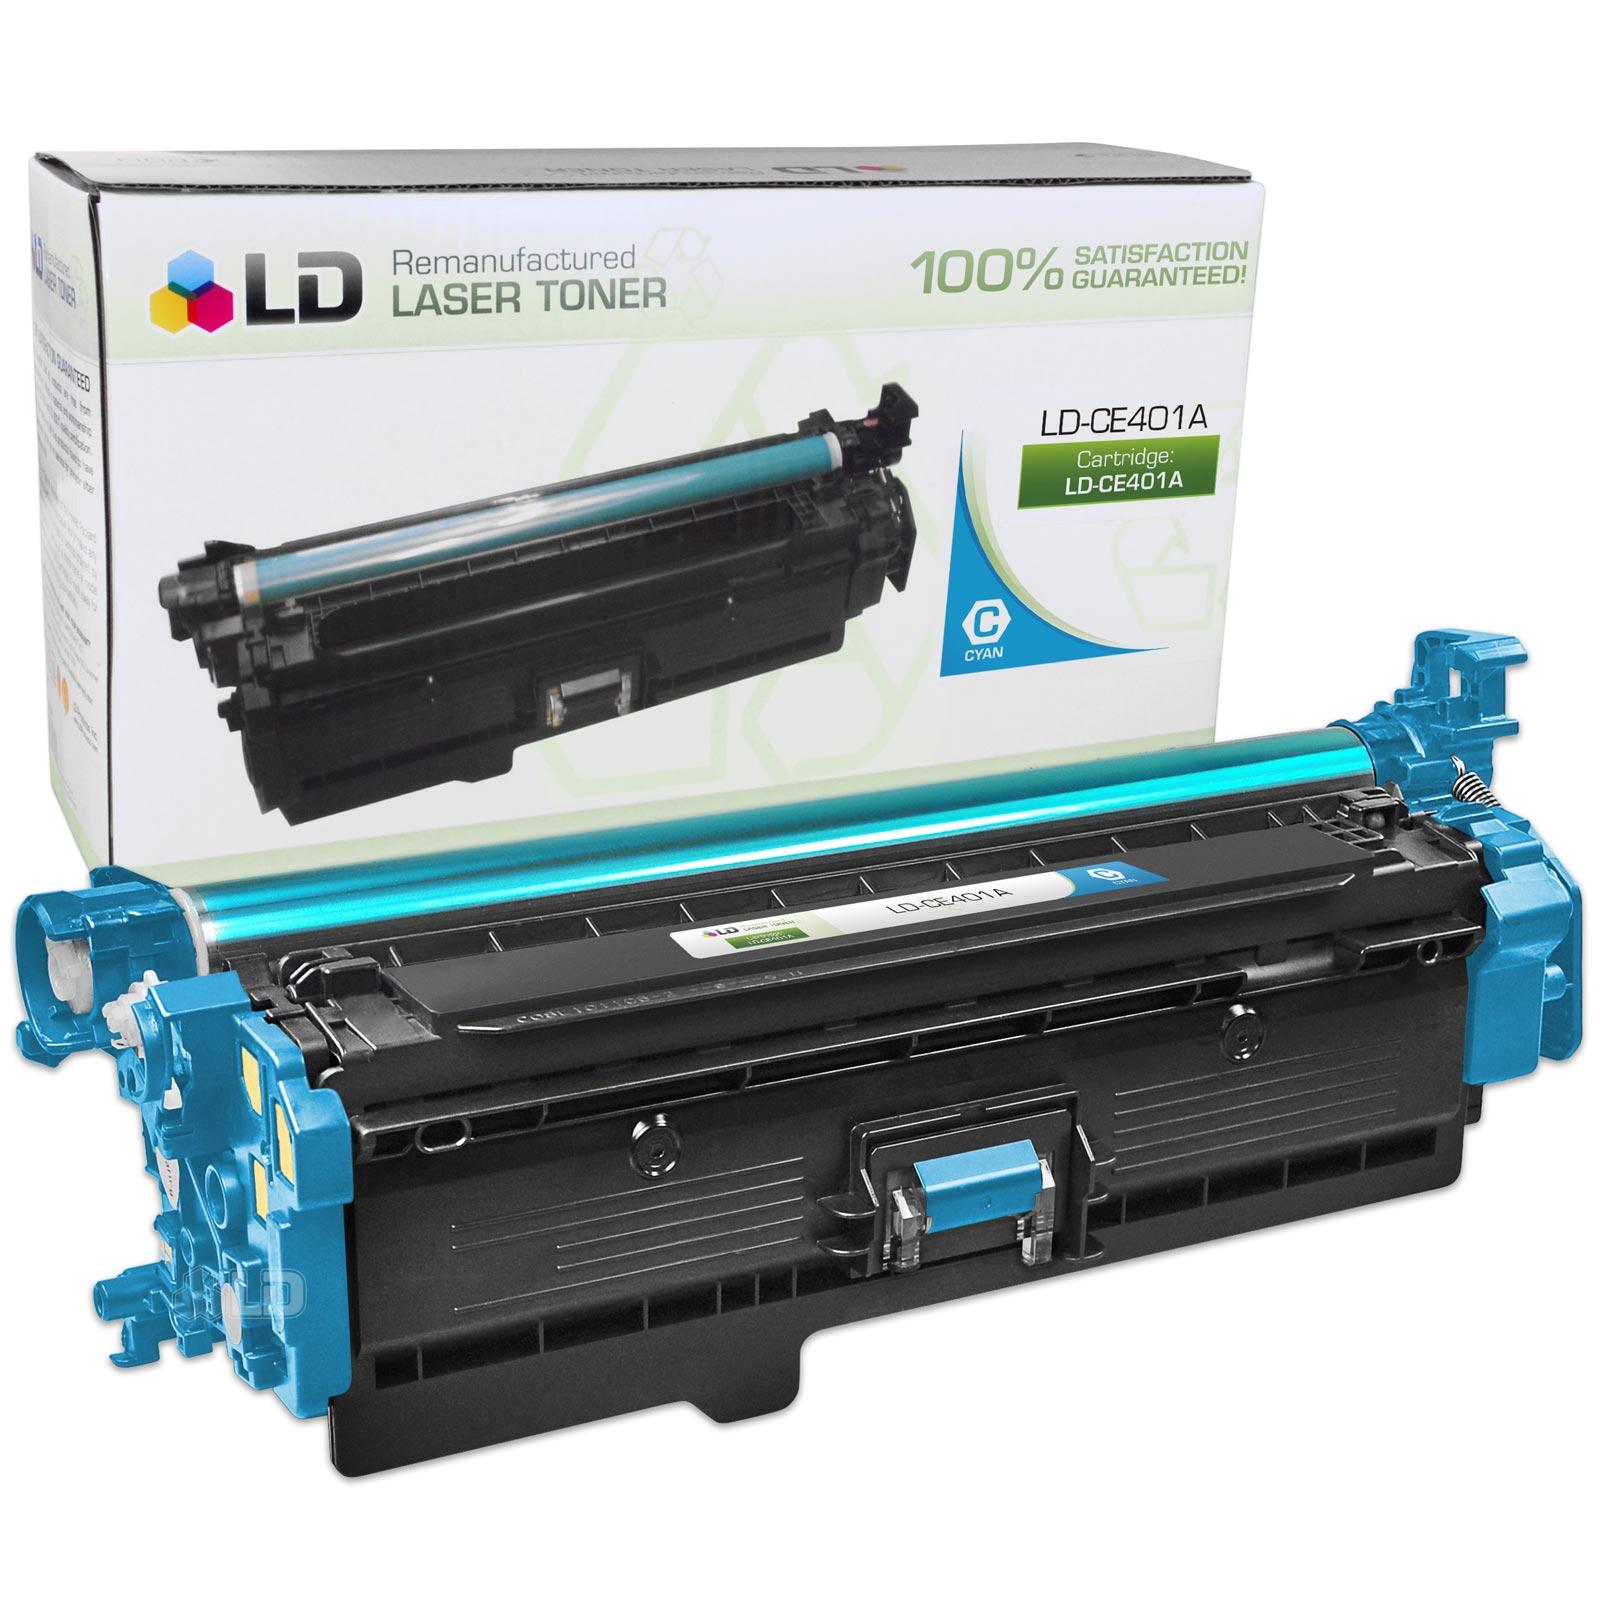 Remanufactured Hewlett Packard CE401A (HP 507A) Cyan Laser Toner Cartridge